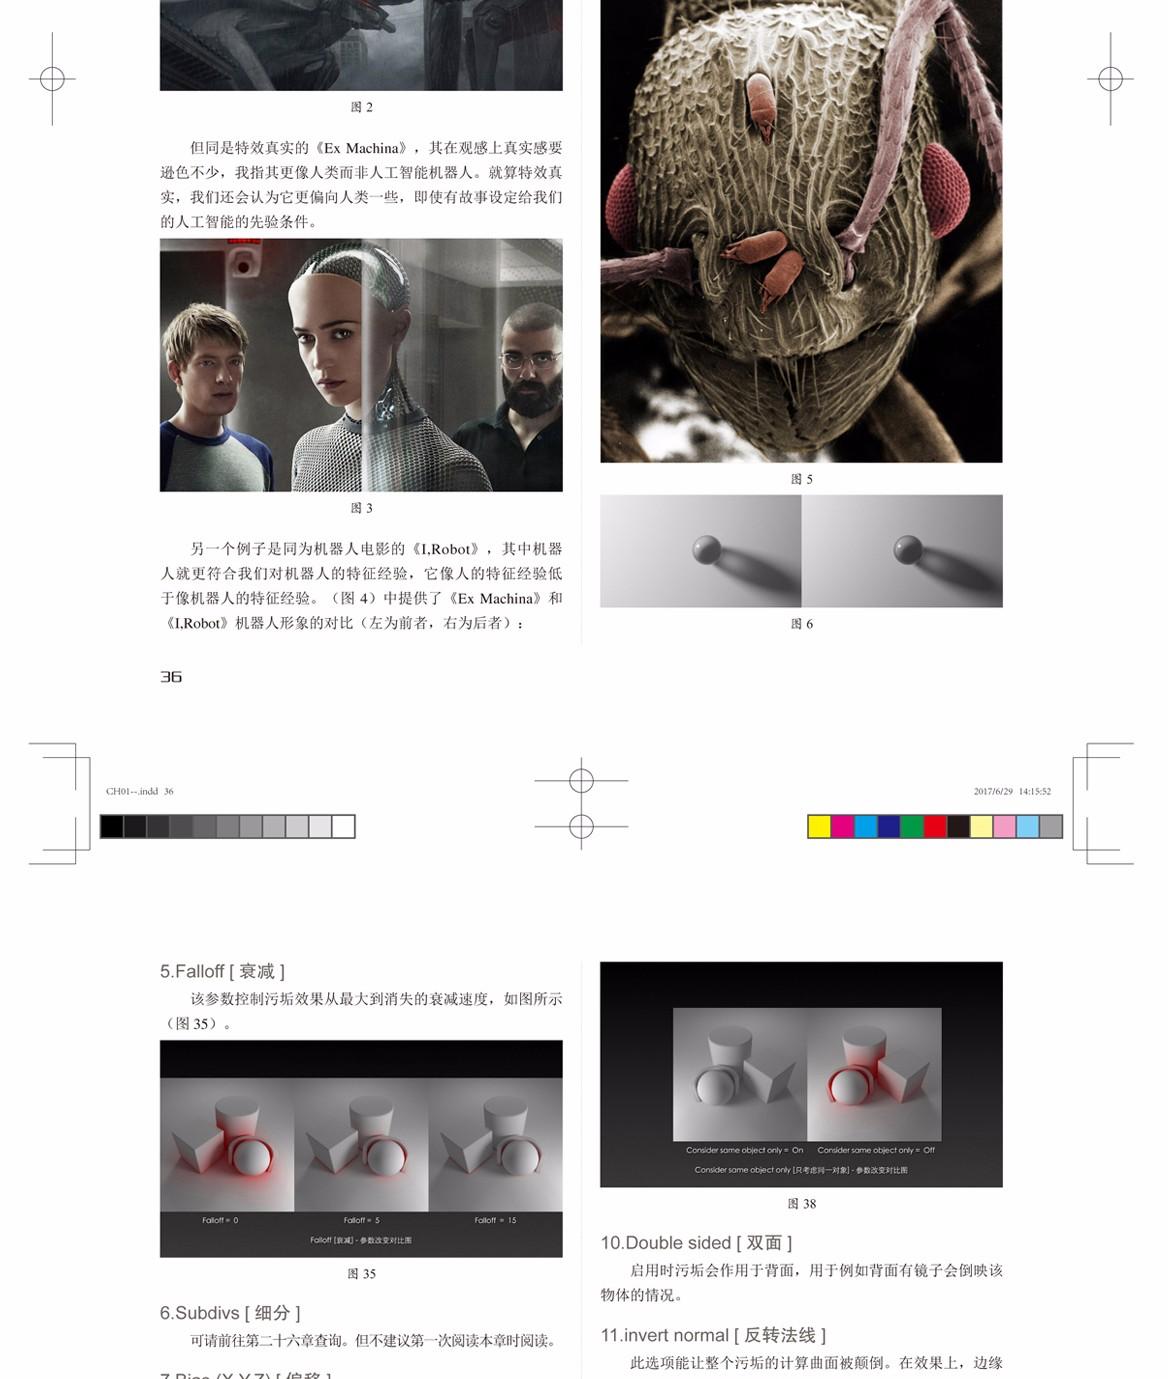 预售页面修改2017-11-3xin_09.jpg